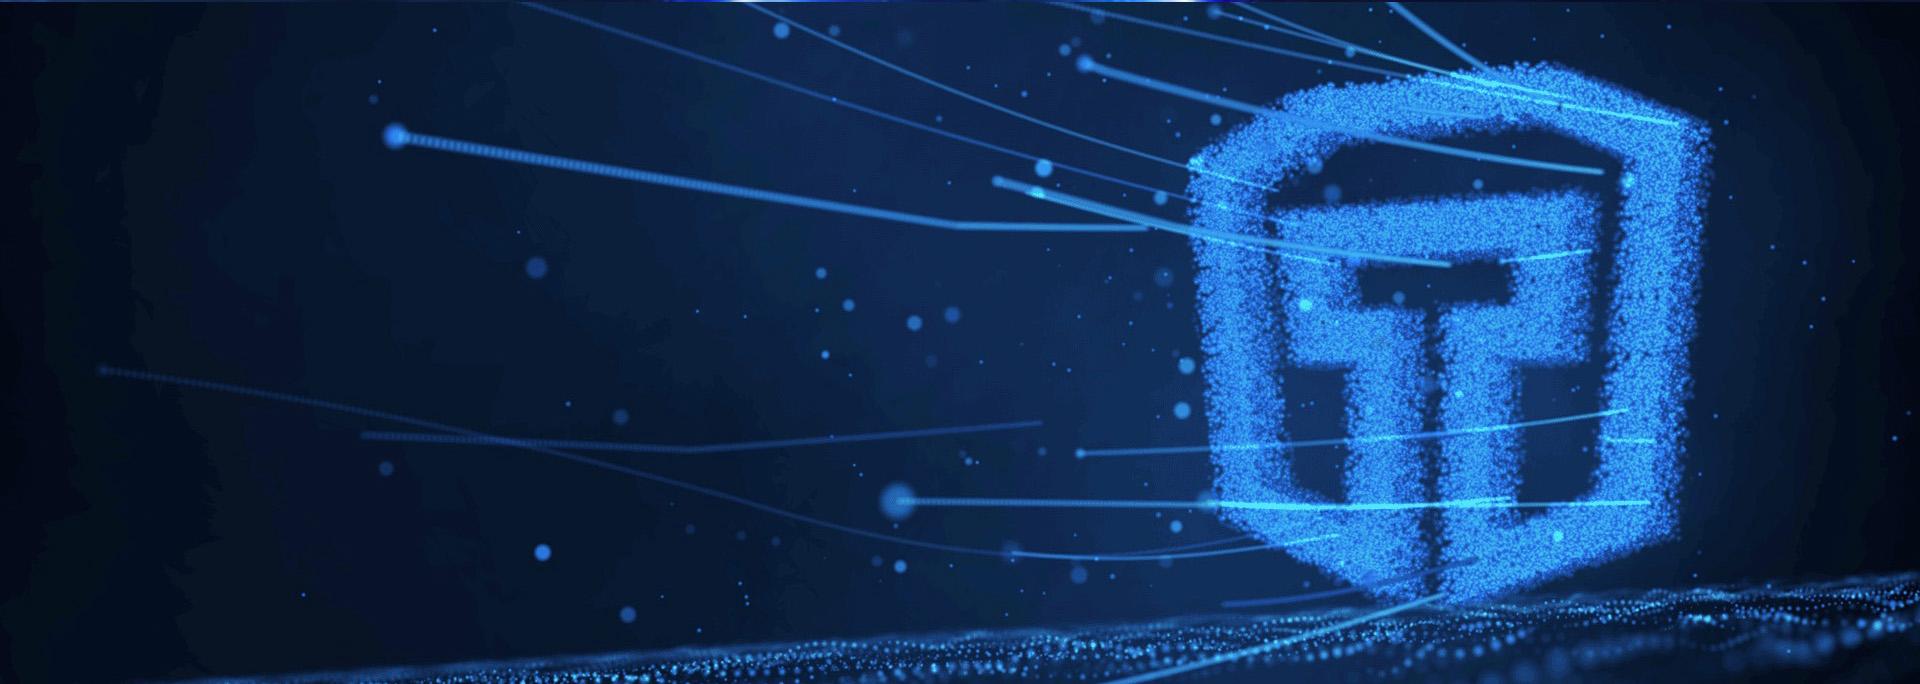 同盾智能风控、分析决策云平台入选浙江省行业云应用示范平台